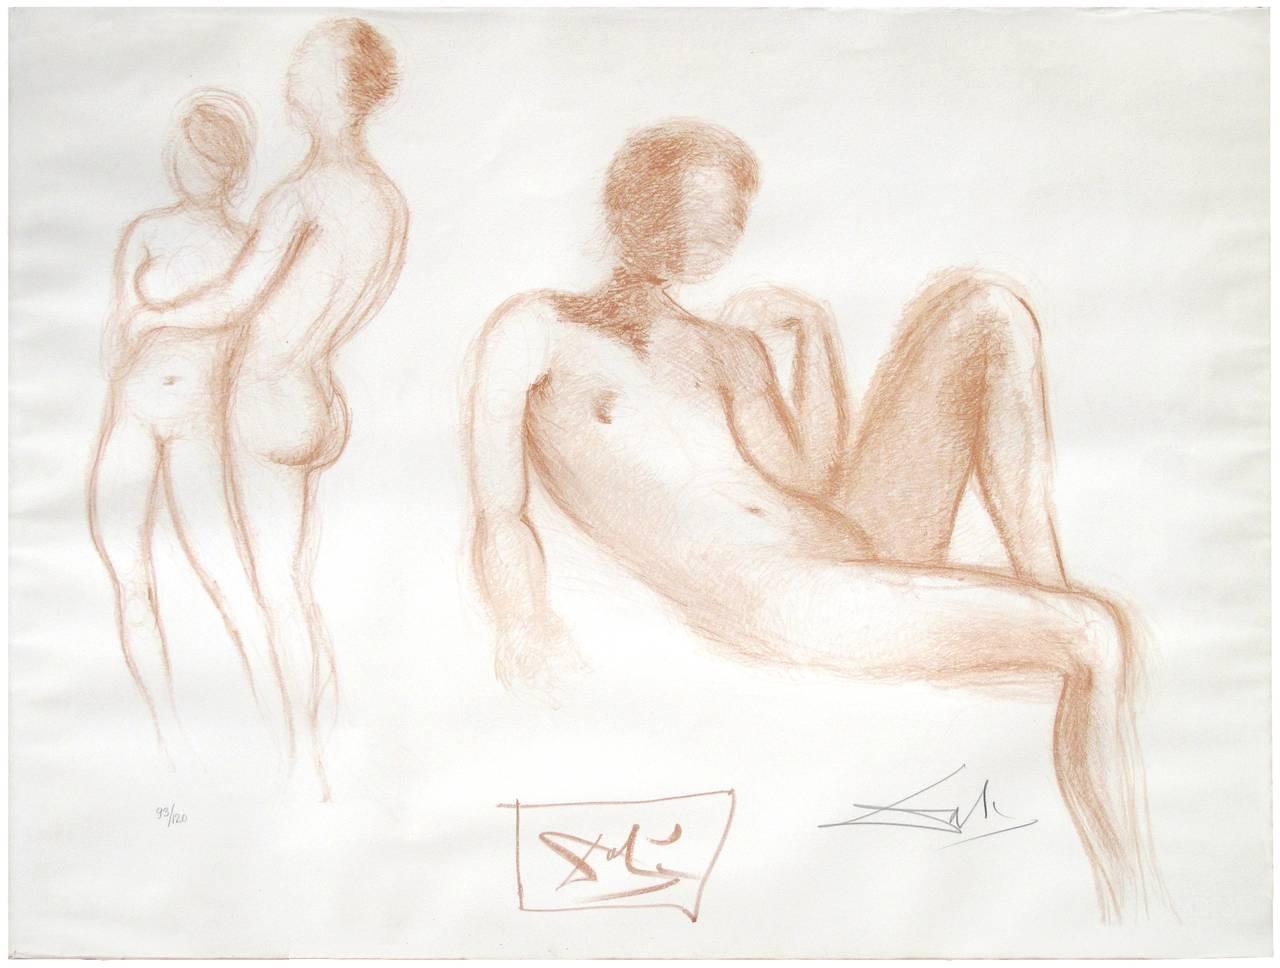 Salvador Dalí Figurative Print - Nudes